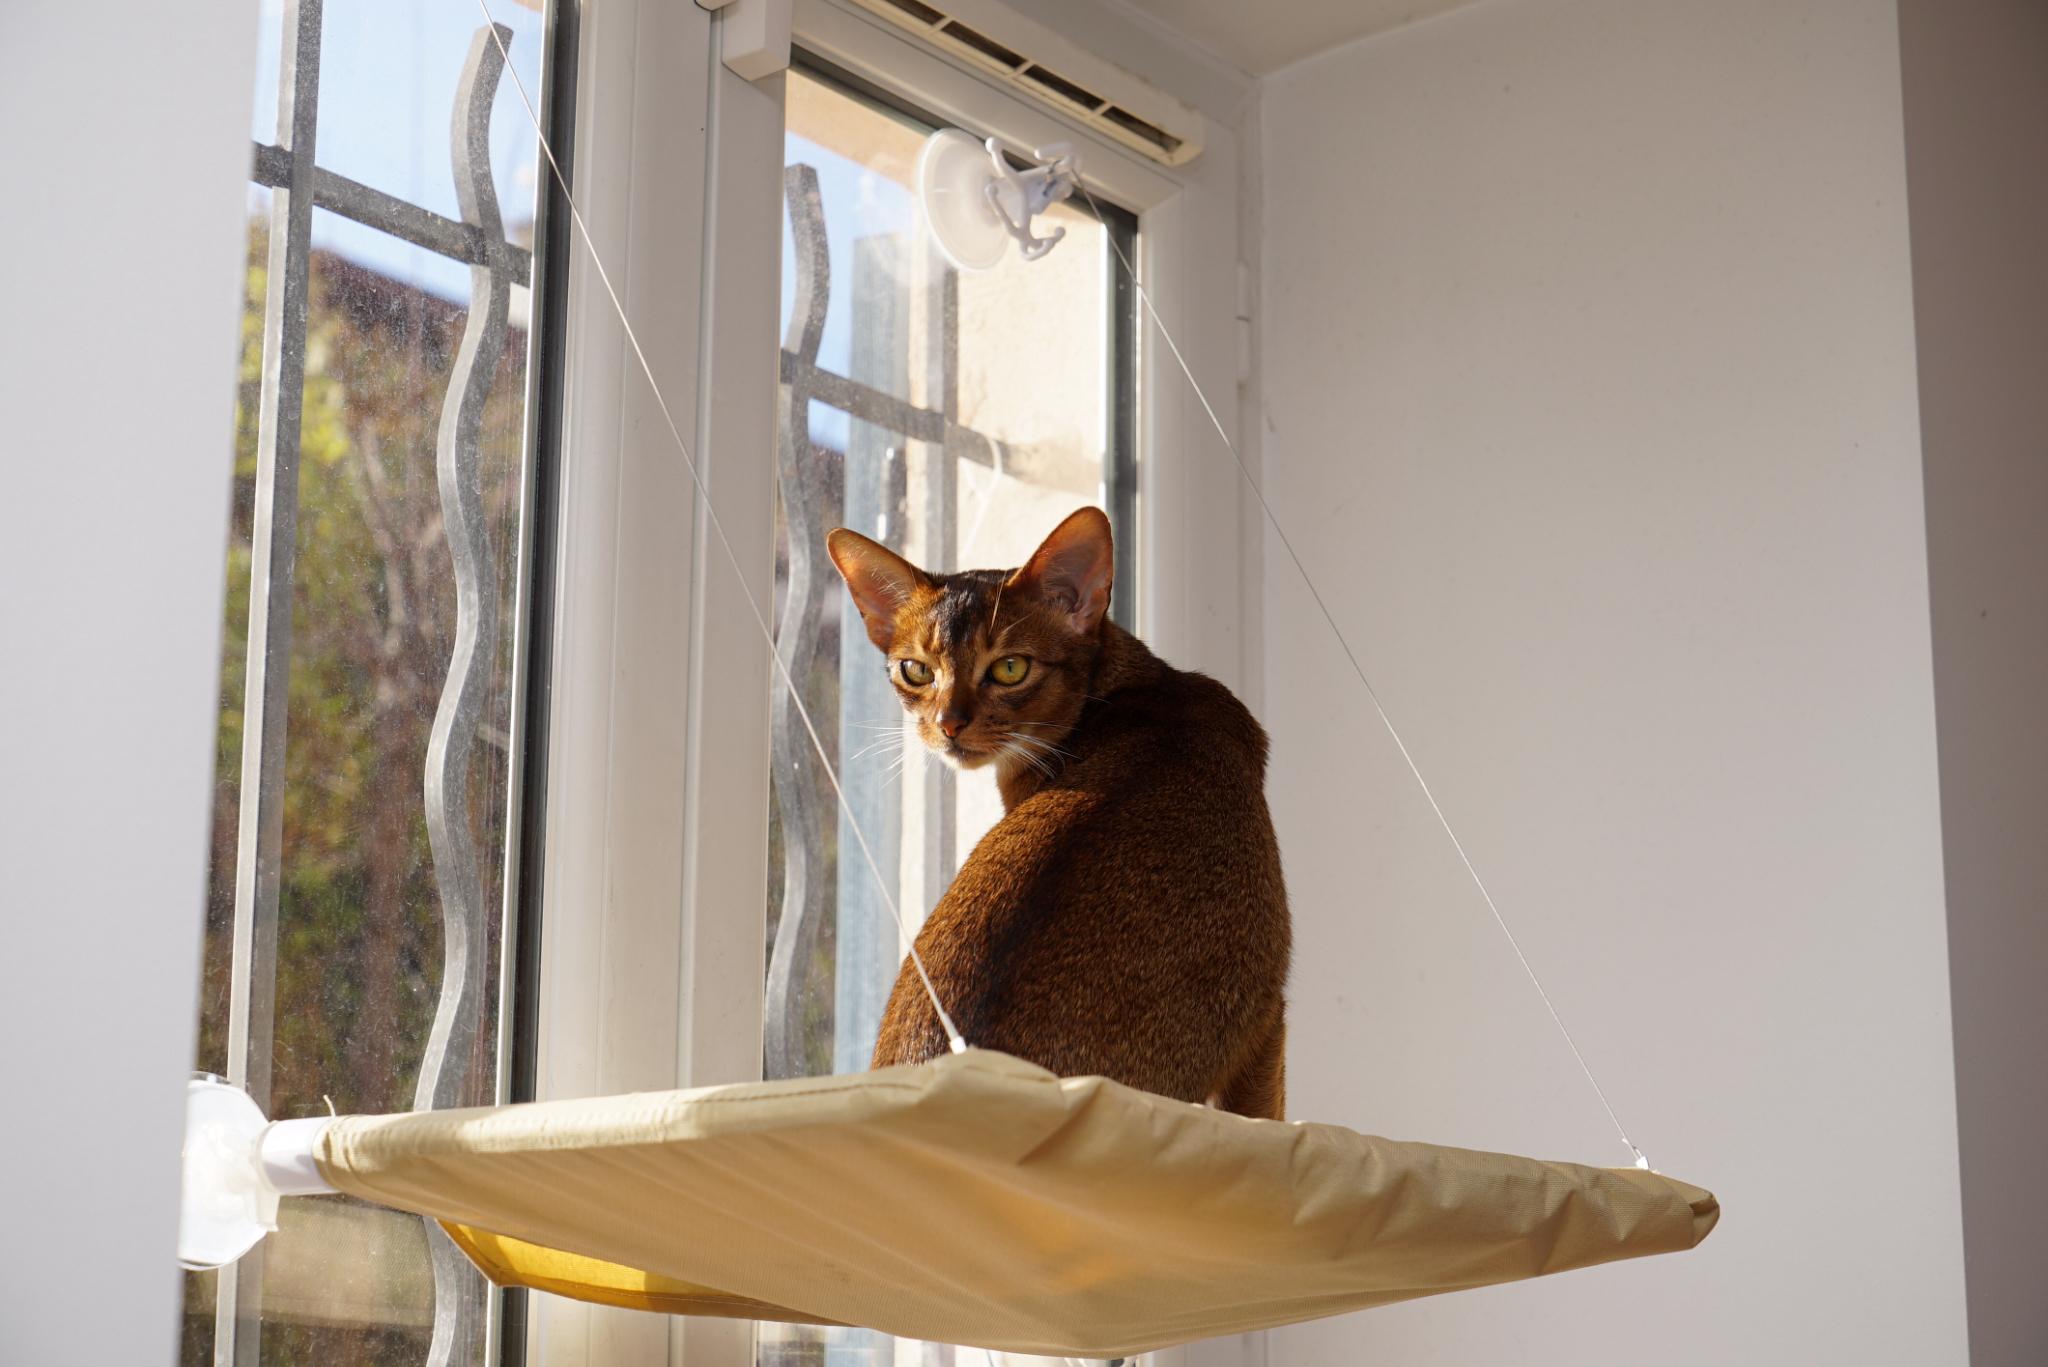 Гамак для кошки на окно